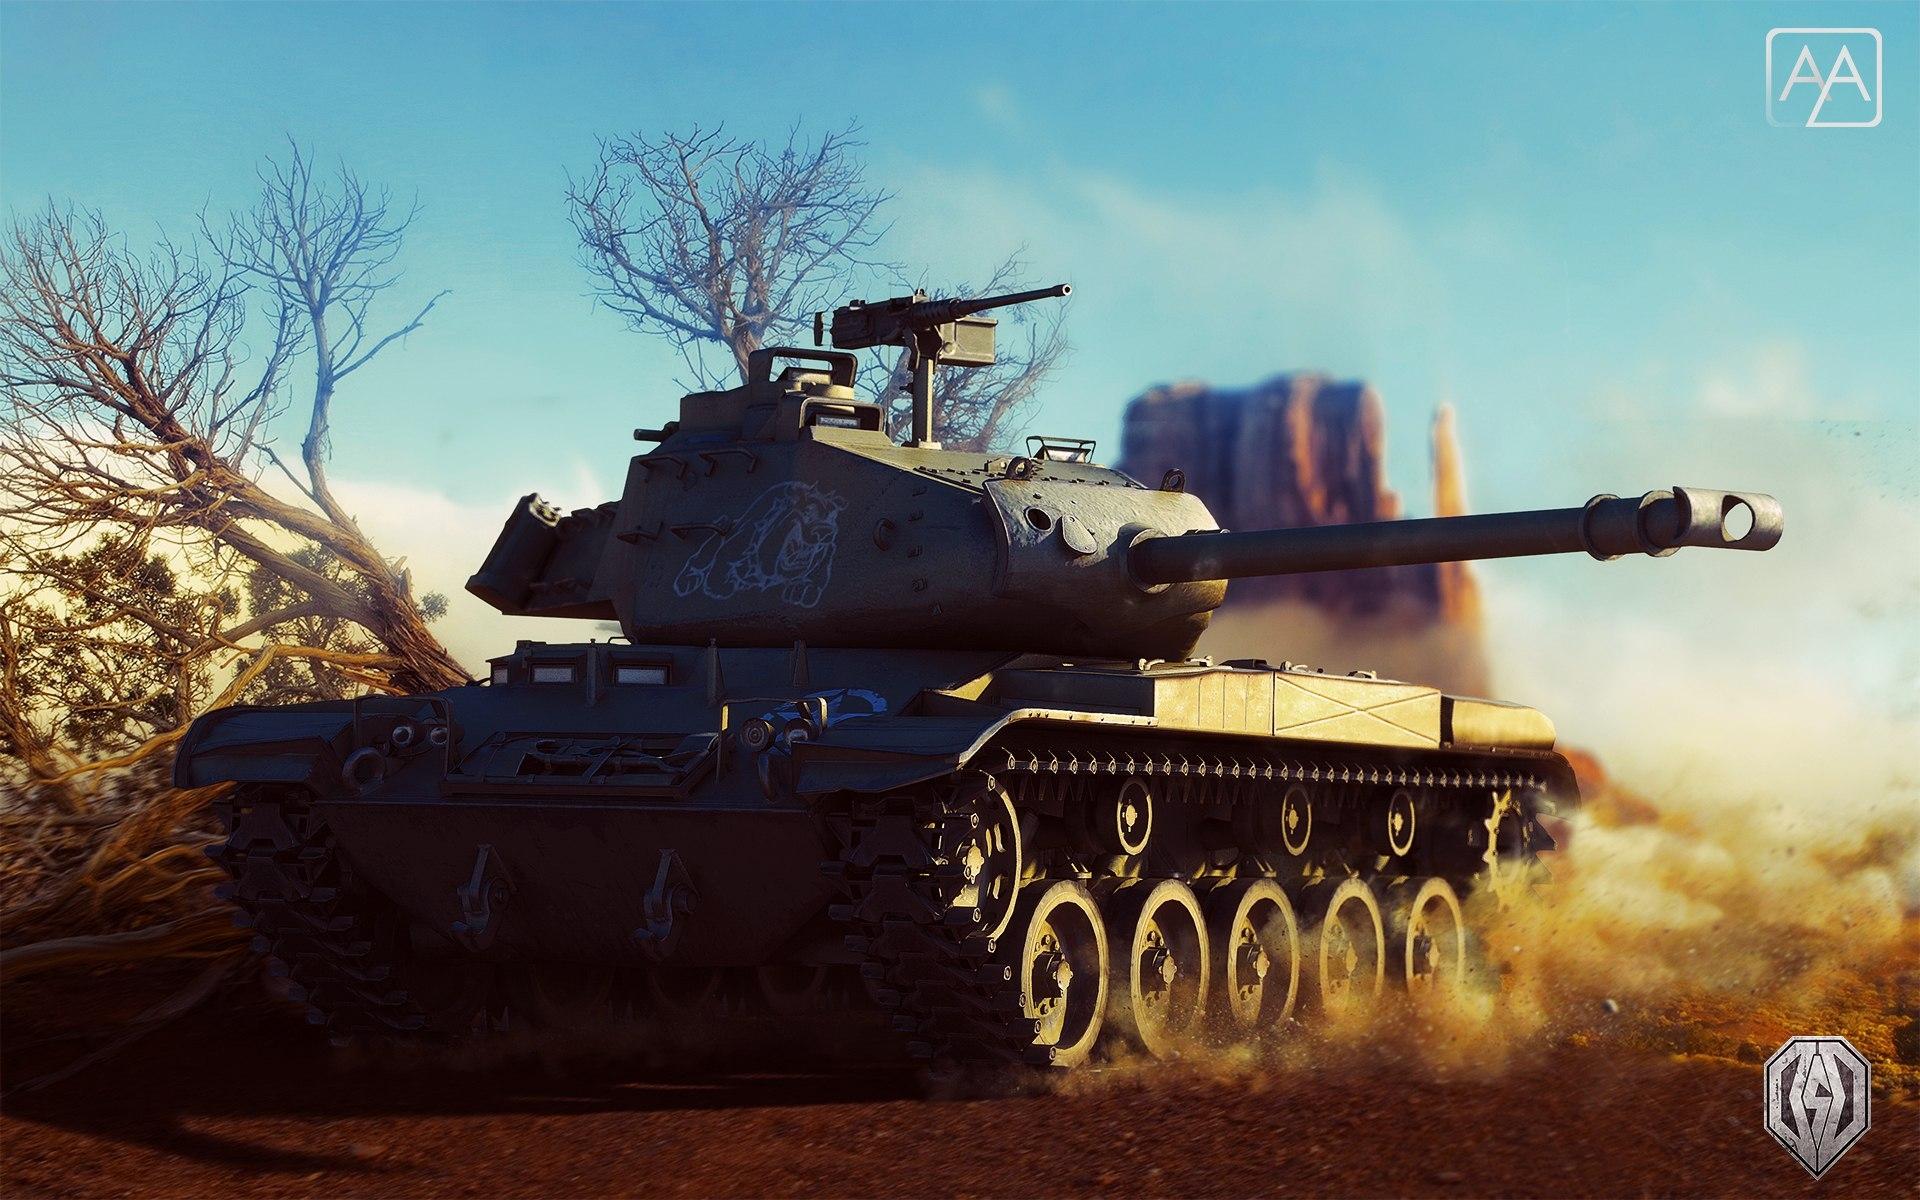 Ворлд оф танкс скачать картинки   на заставку (3)